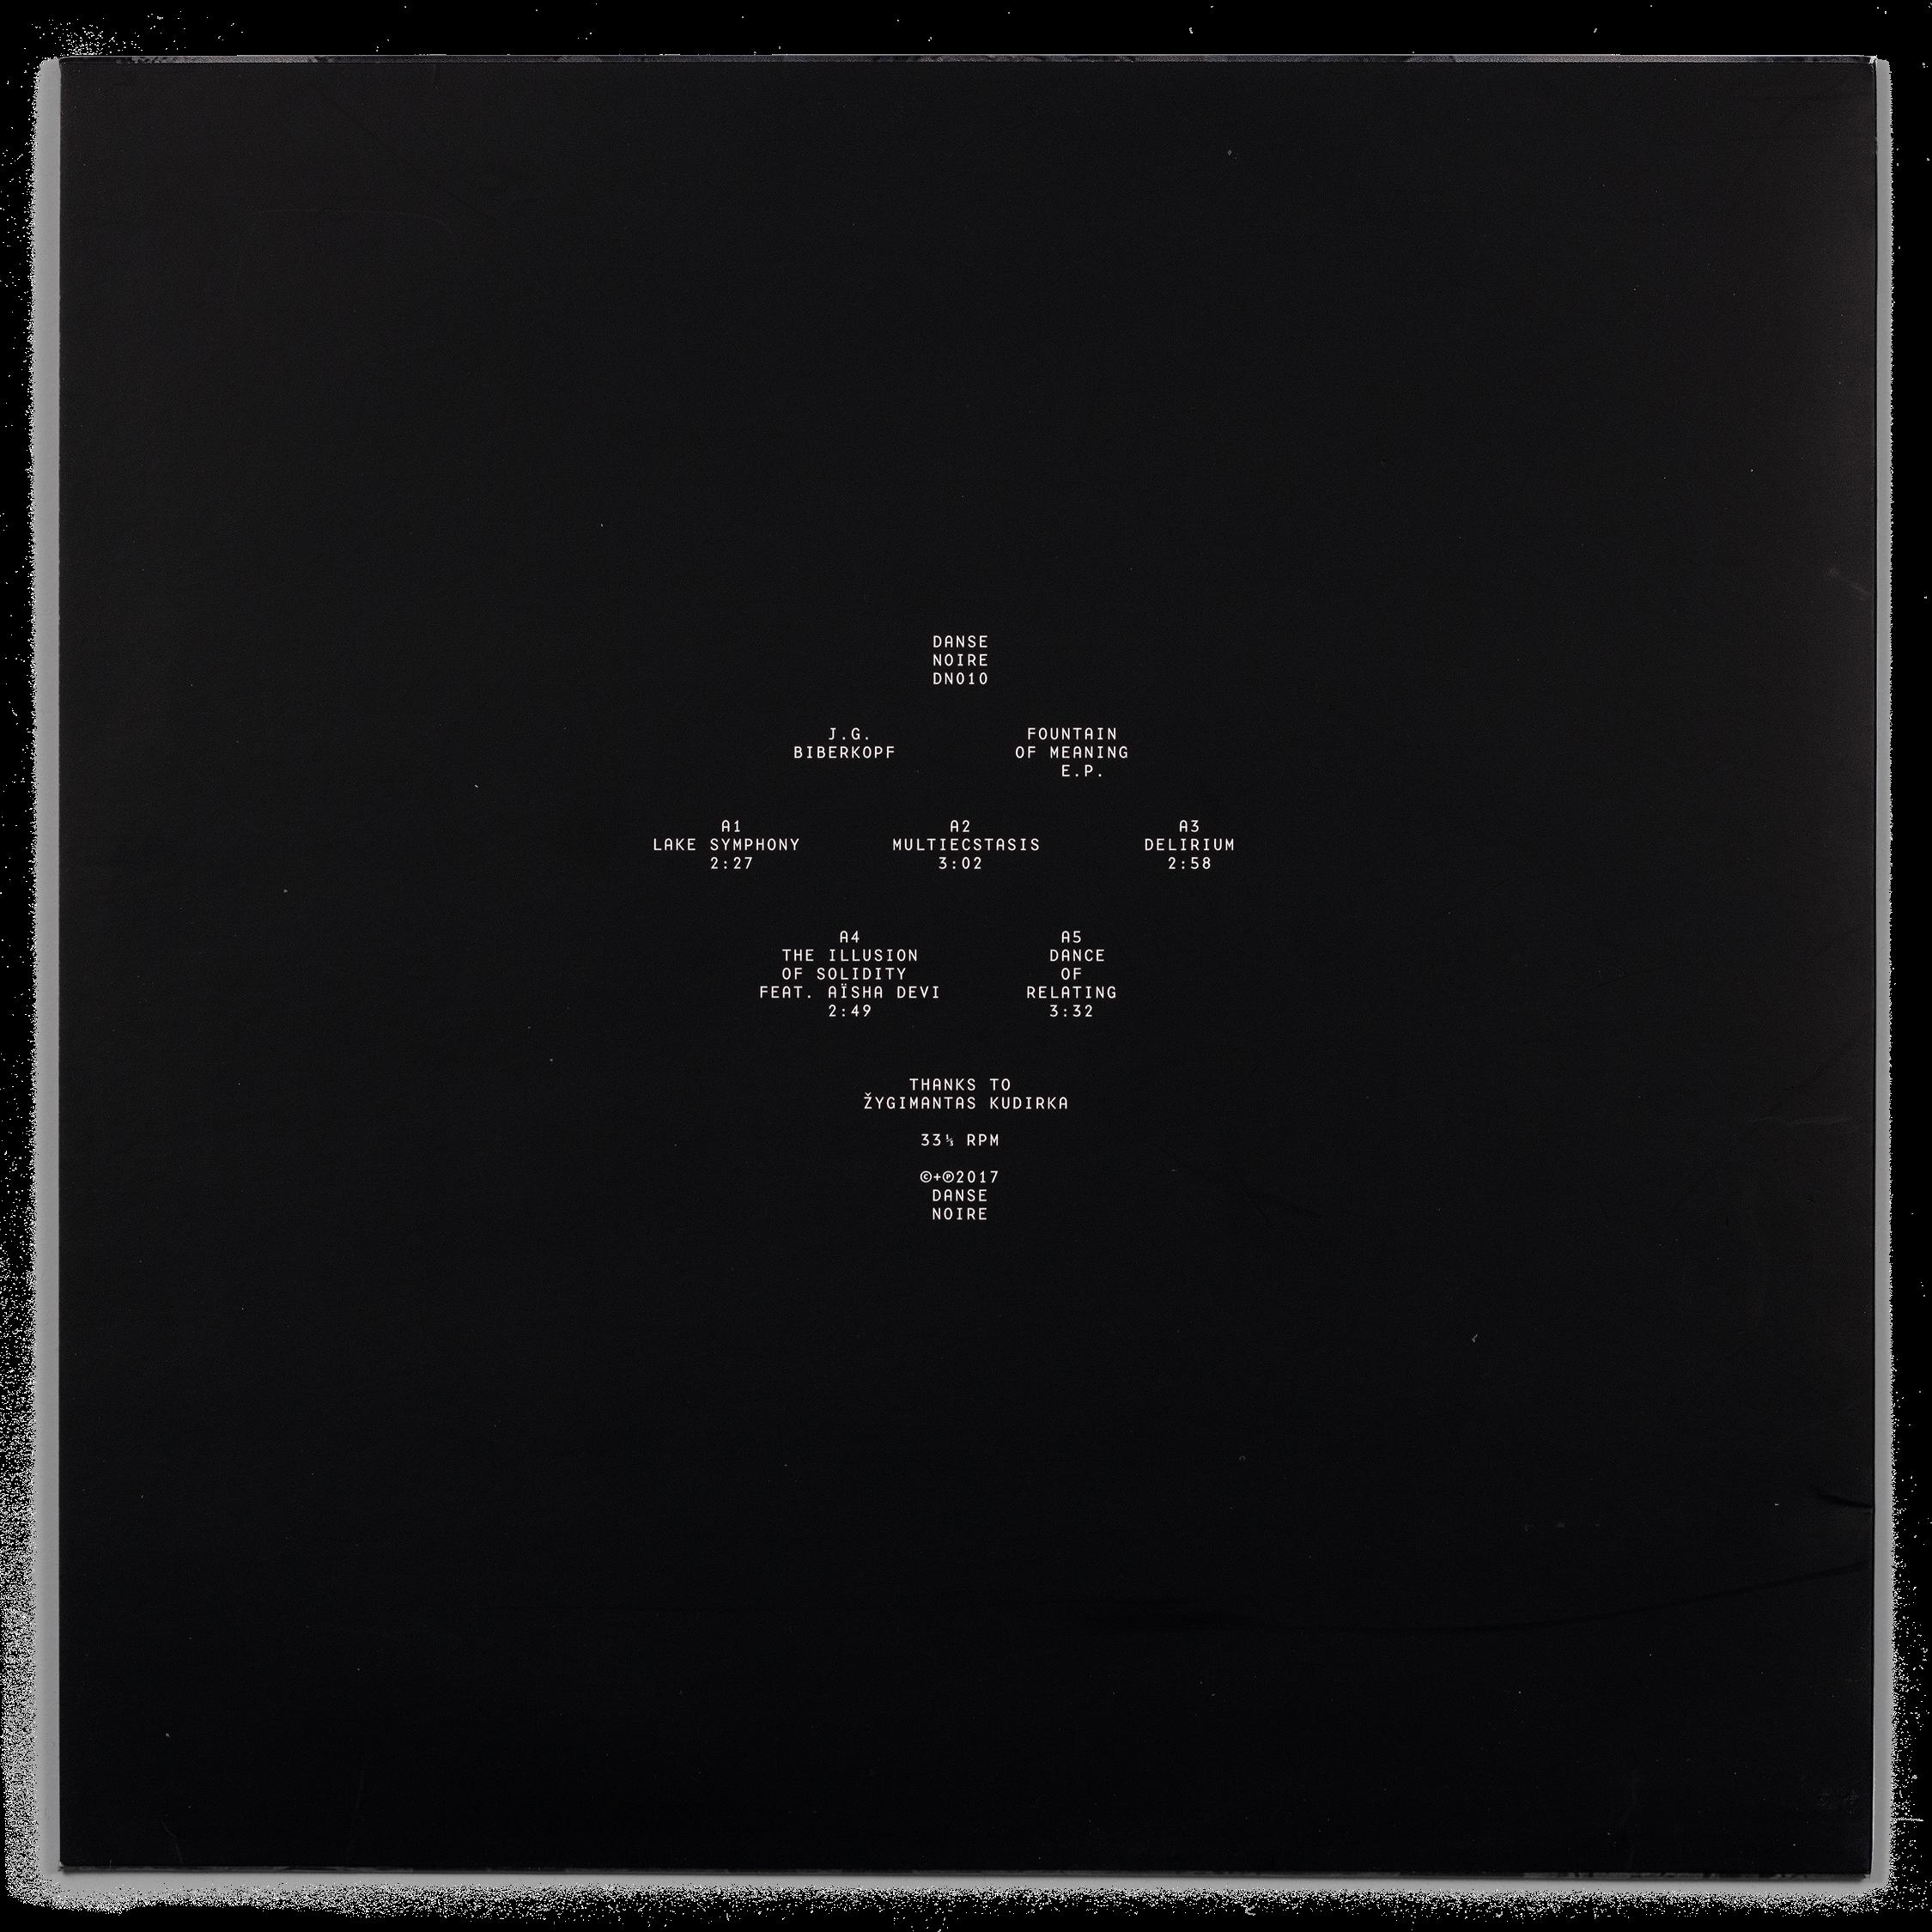 Dos de la pochette du EP Fountain of Meaning de JG Biberkopf, Danse Noire